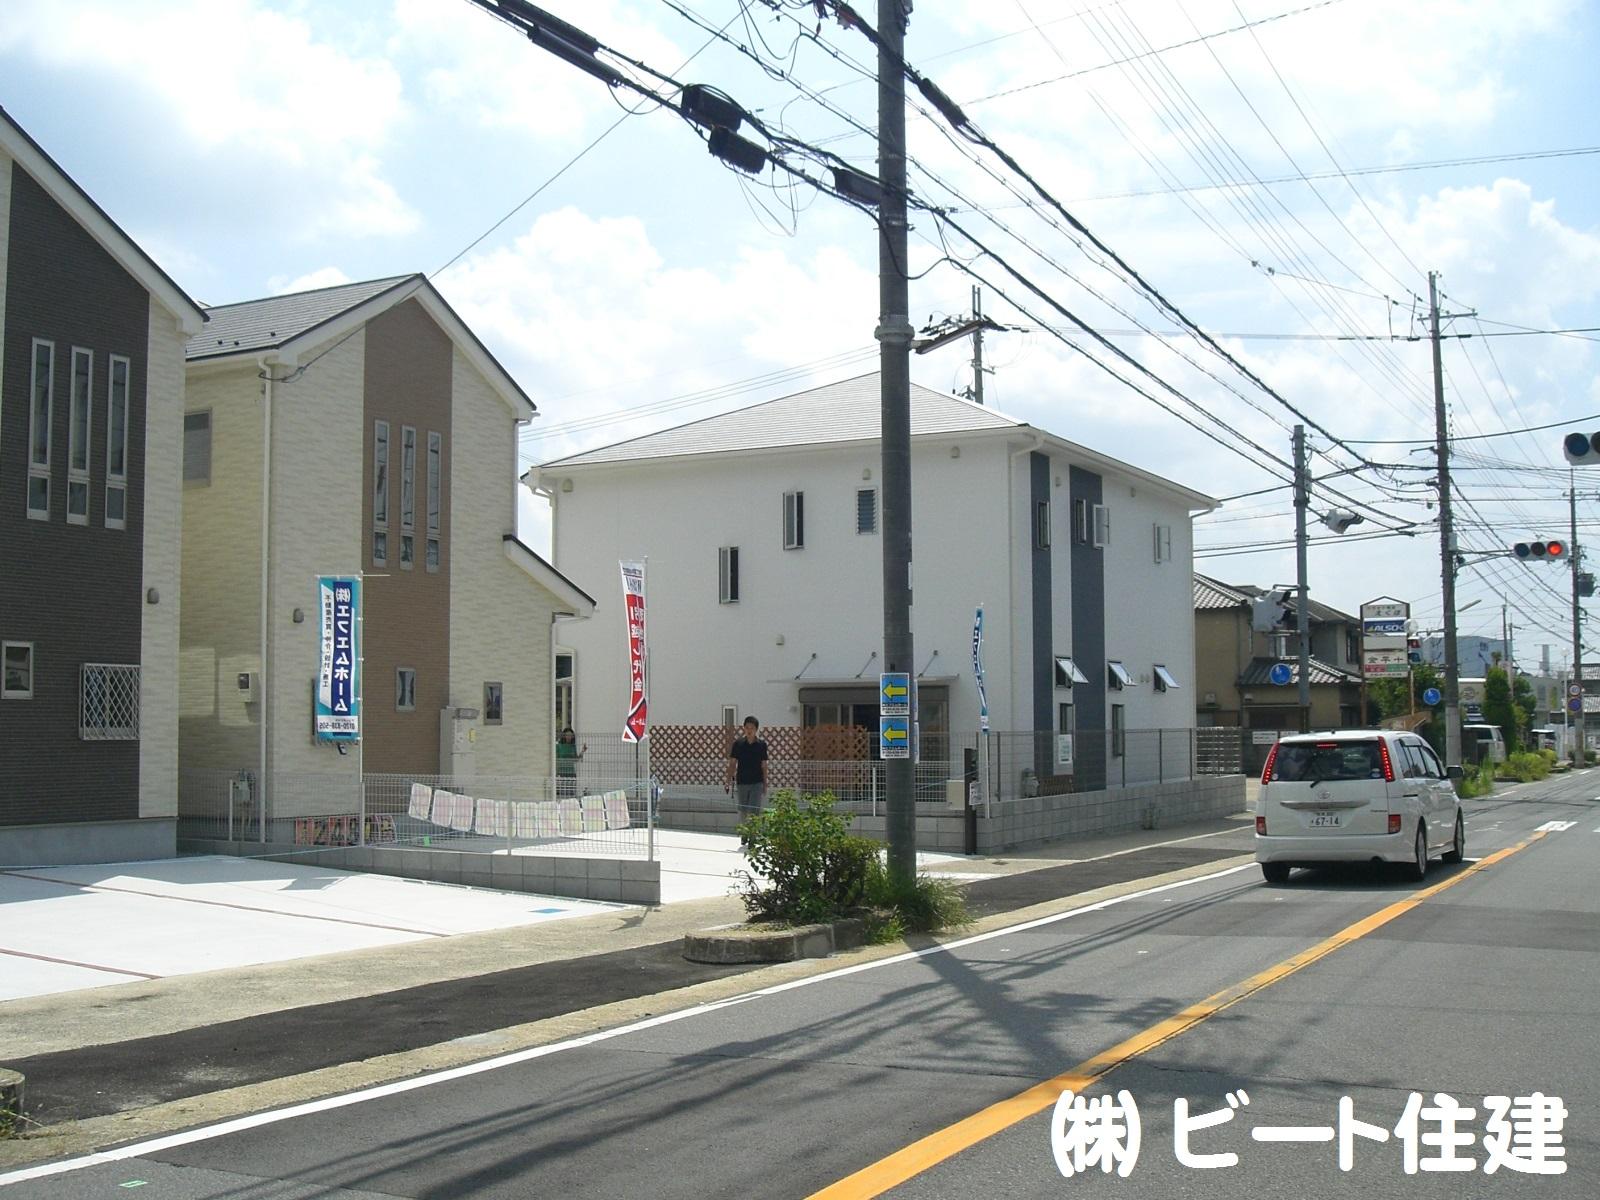 奈良県 天理市 二階堂 新築 お買い得 ビート住建 仲介手数料 最大無料 値引き、値下げ 大歓迎!